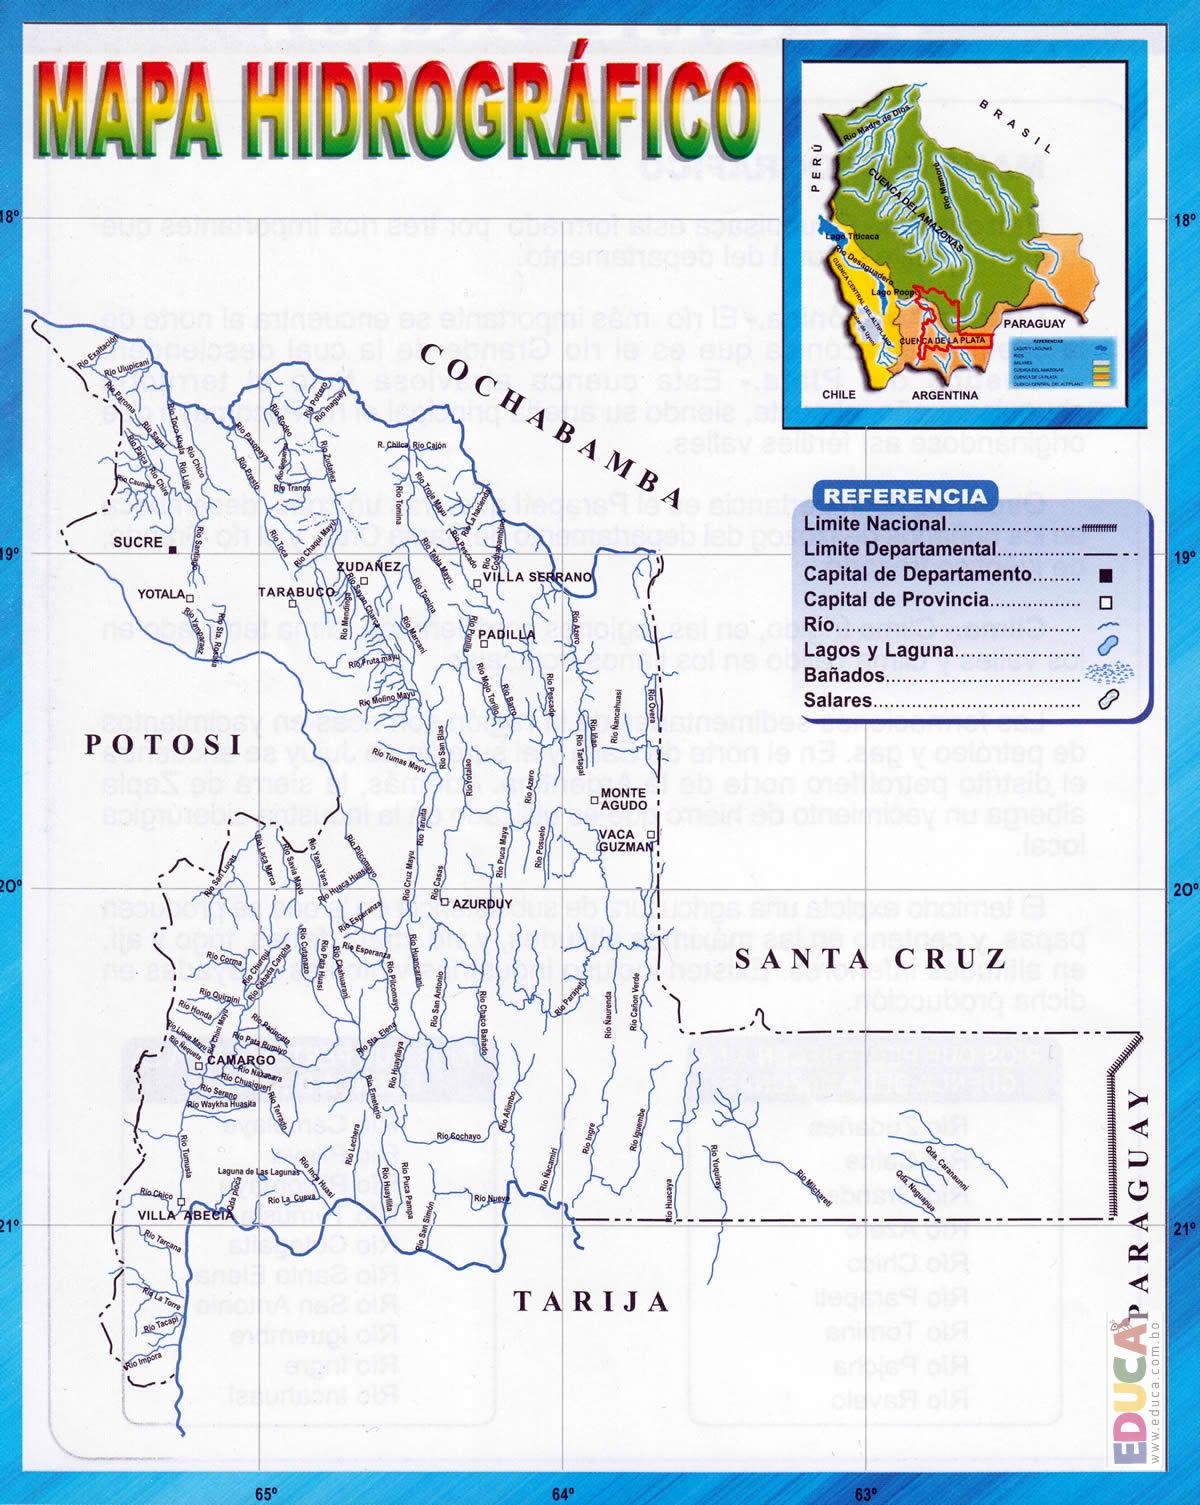 Mapa hidrogrfico de Chuquisaca  Departamento de Chuquisaca